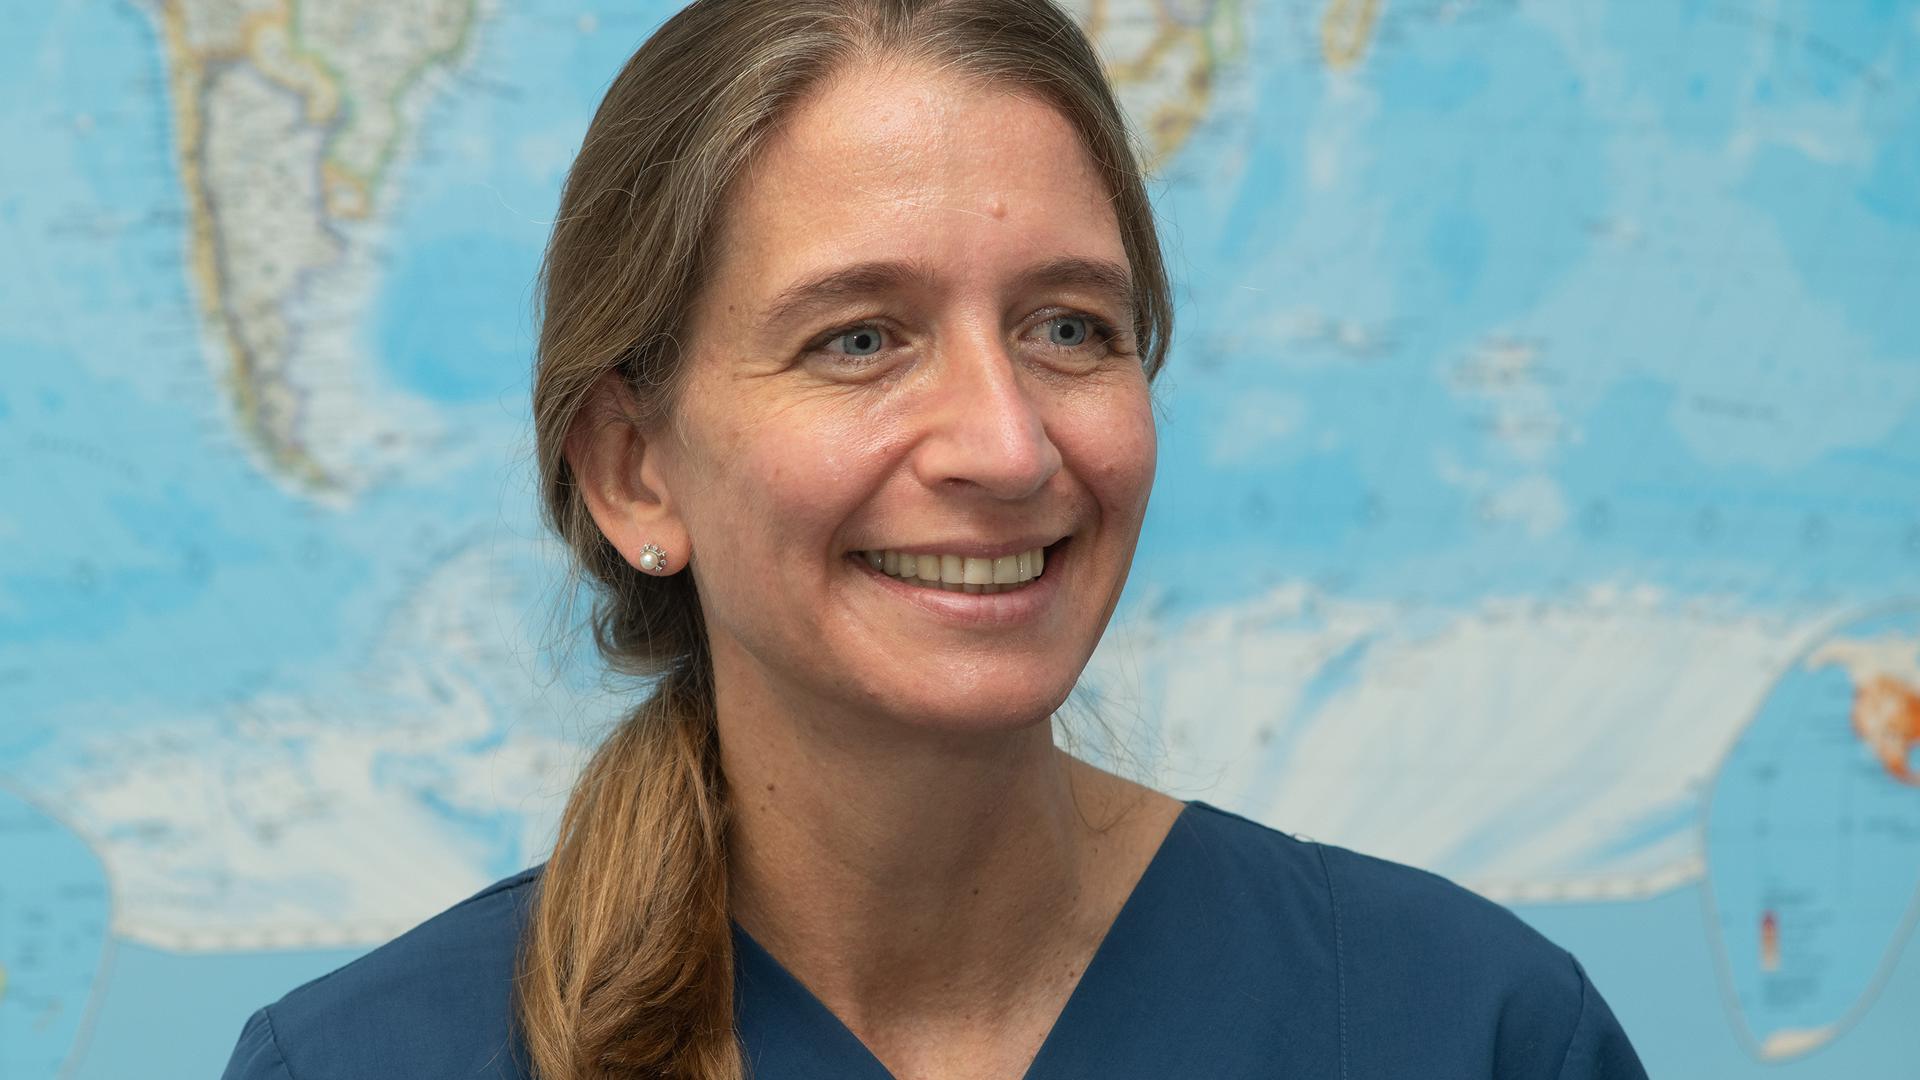 """Eine der Top 100: Die US-Zeitschrift """"Time"""" setzte die deutsche Tropenmedizinerin Camilla Rothe im vergangenen Jahr auf ihre berühmte Liste der wichtigsten Personen der Welt, nachdem die gebürtige Heidelbergerin eine asymptomatische Covid-19-Infektion dokumentiert hatte."""